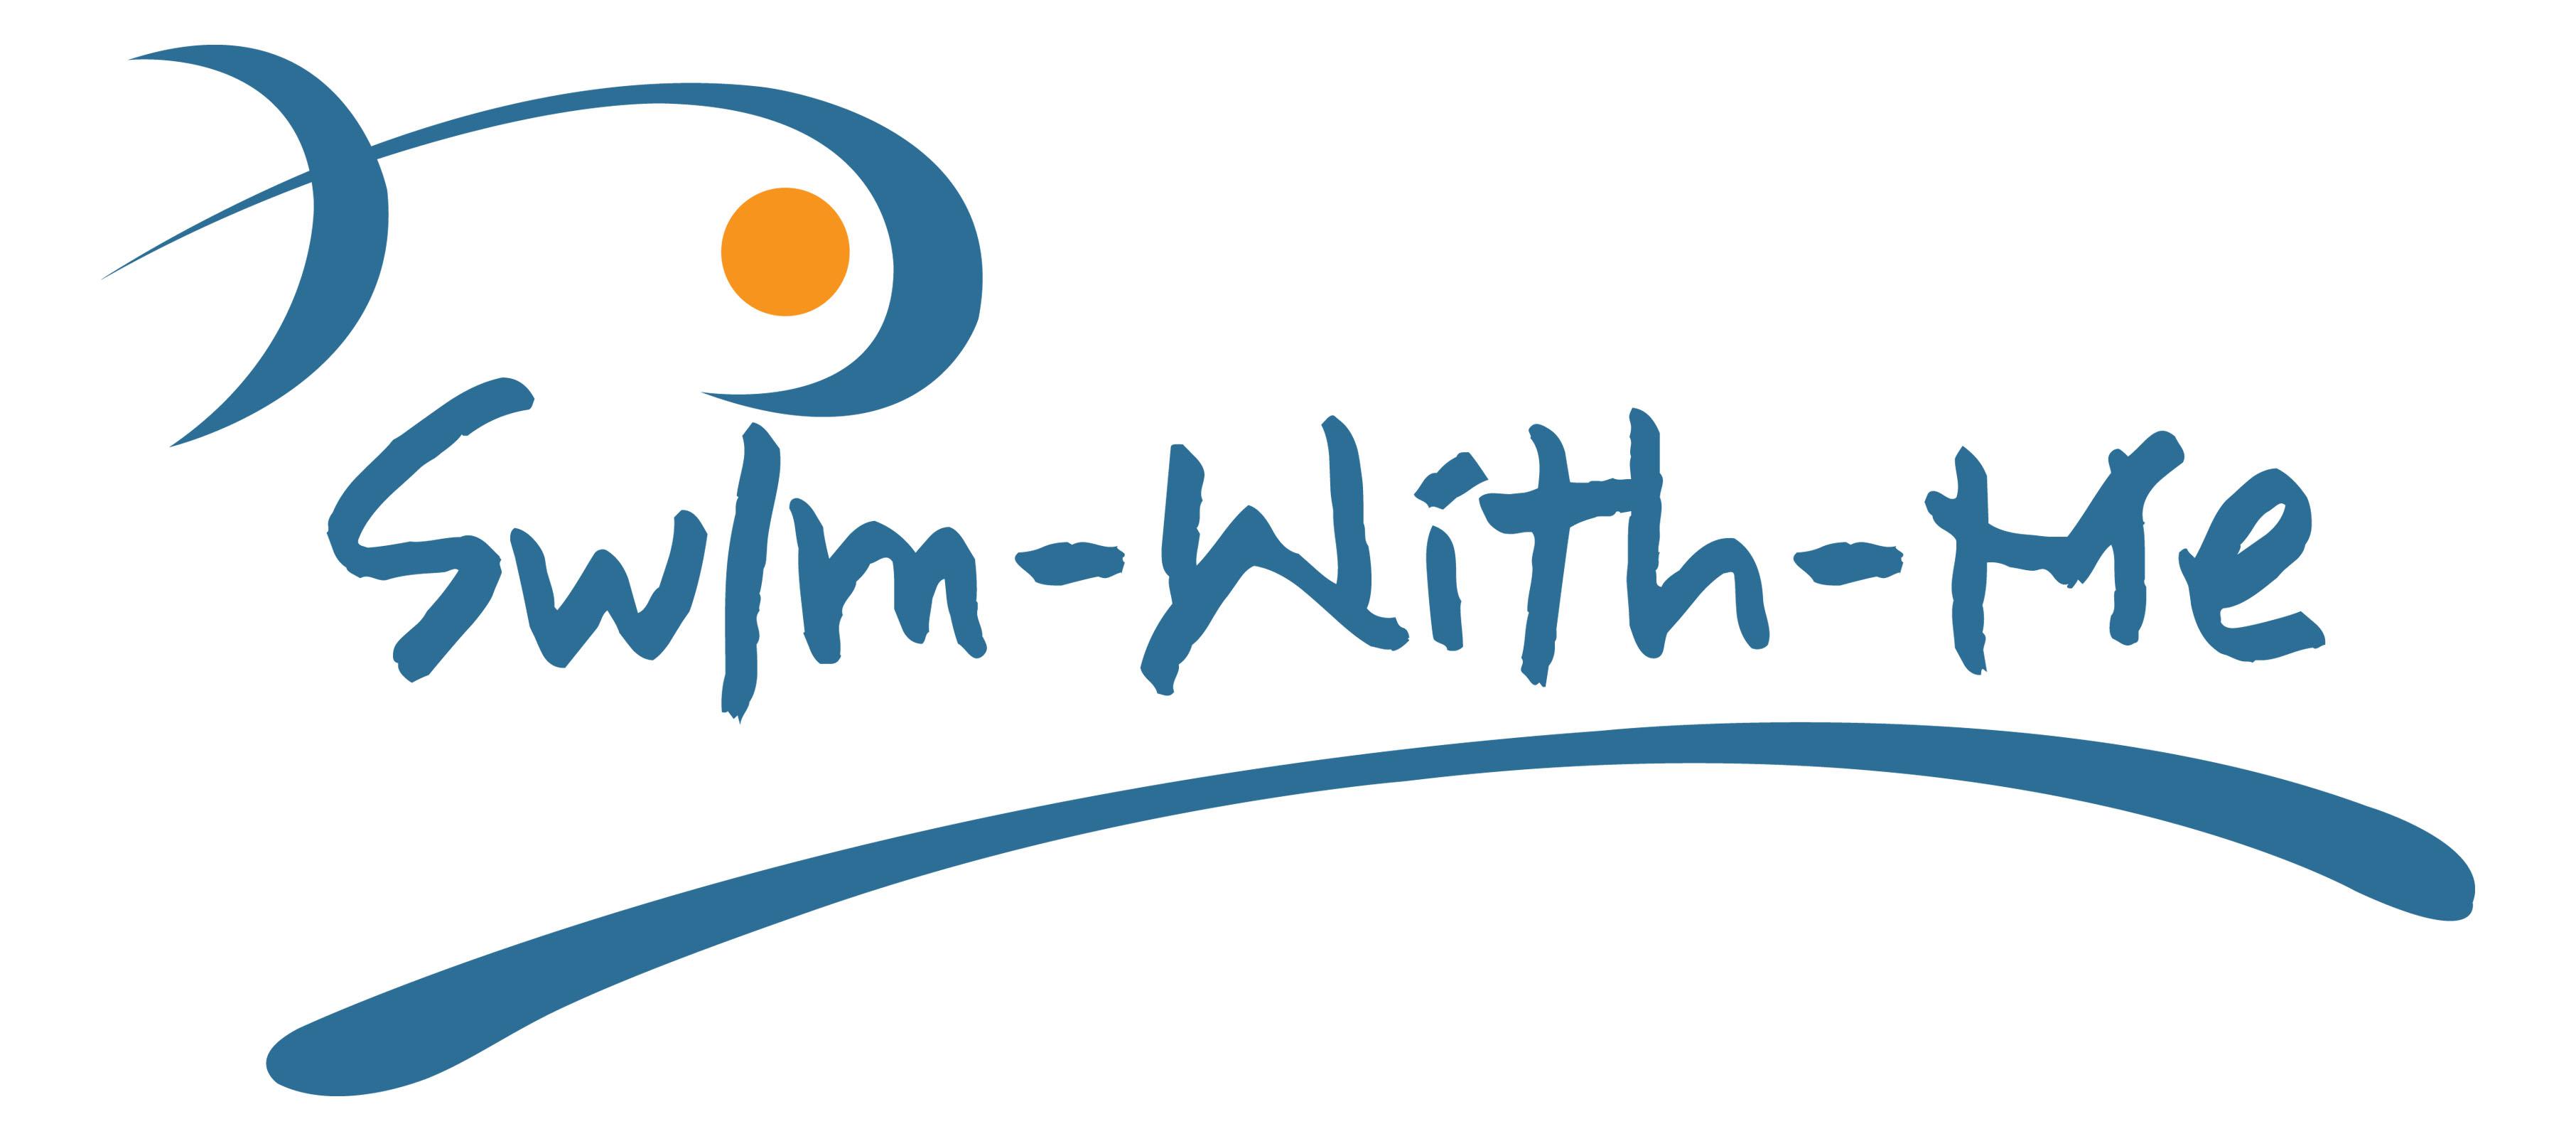 Swim-With-Me